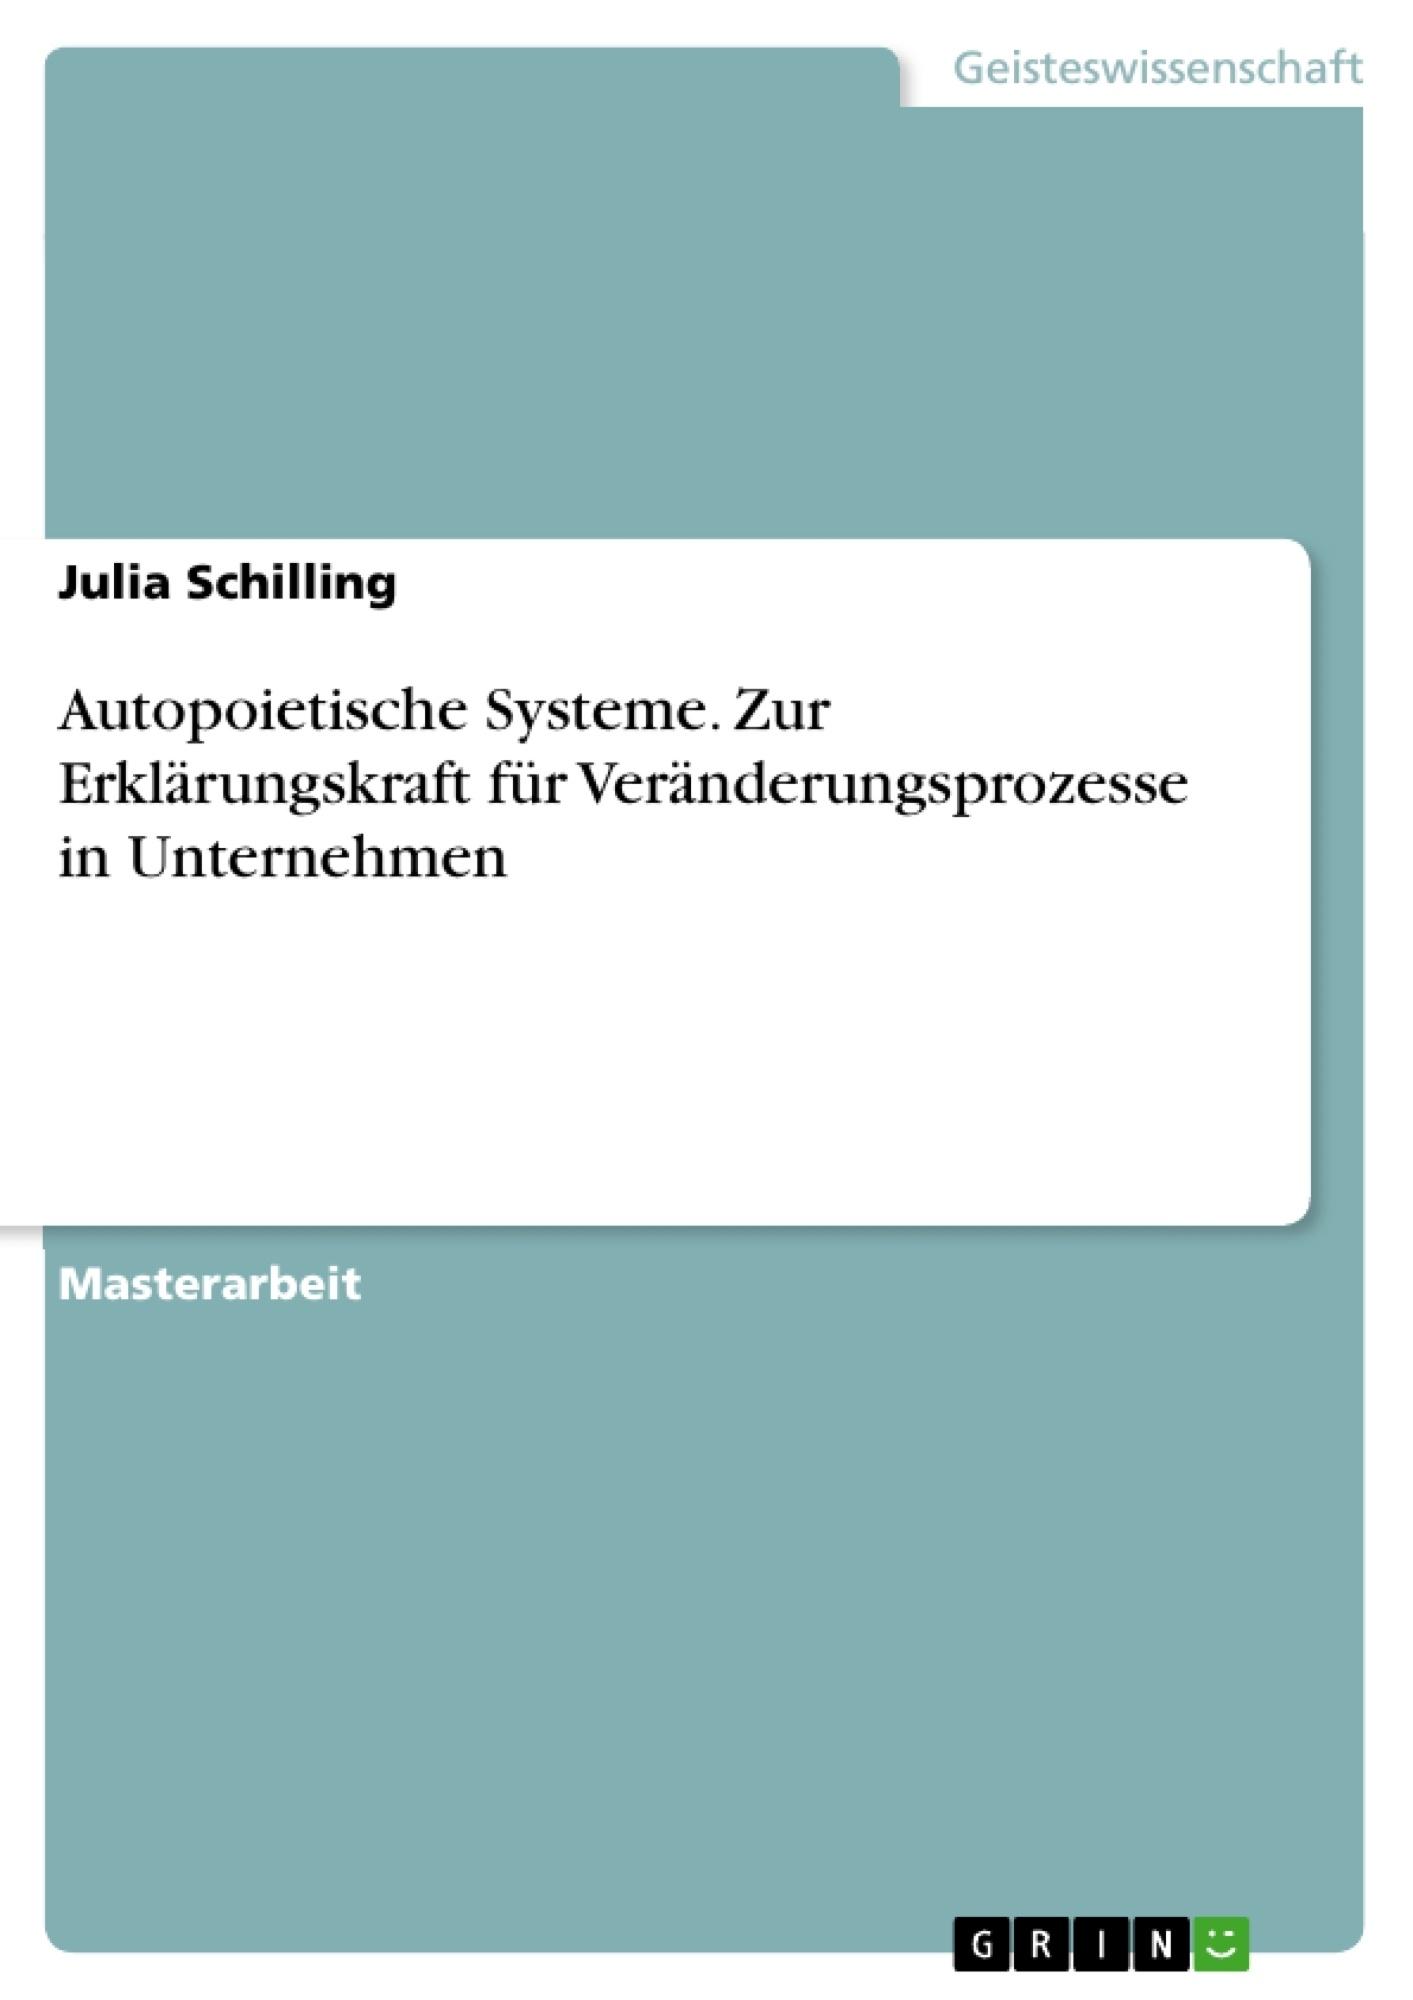 Titel: Autopoietische Systeme. Zur Erklärungskraft für Veränderungsprozesse in Unternehmen